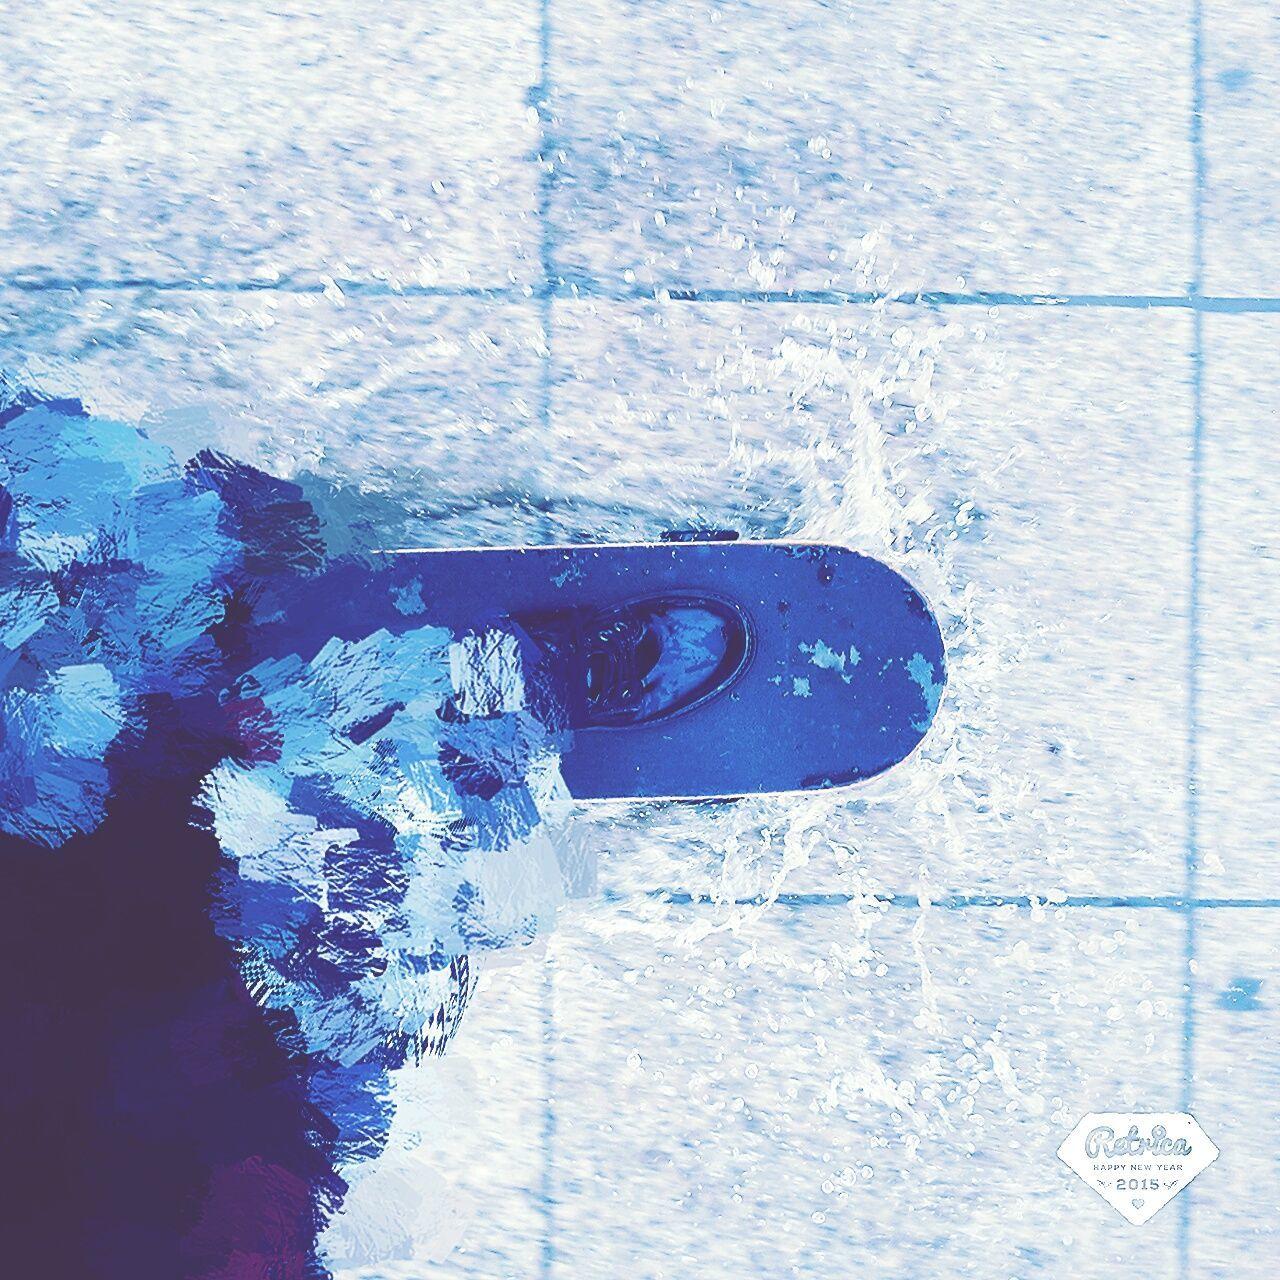 Need For Speed ❤️❤️❤️💋💋💋💋❤️❤️❤️ ❤just Gorgeous My Love Skateboarding Skateboard Skatelife Skate Life Skatergirl Skating Boots Water Speedskating SkateLove Skateland Kate's Daily Skateeverydamnday Skater Girl Skate♥ Skateallday Skate Or Die Skateanddestroy Skates Skaters Skaterlife